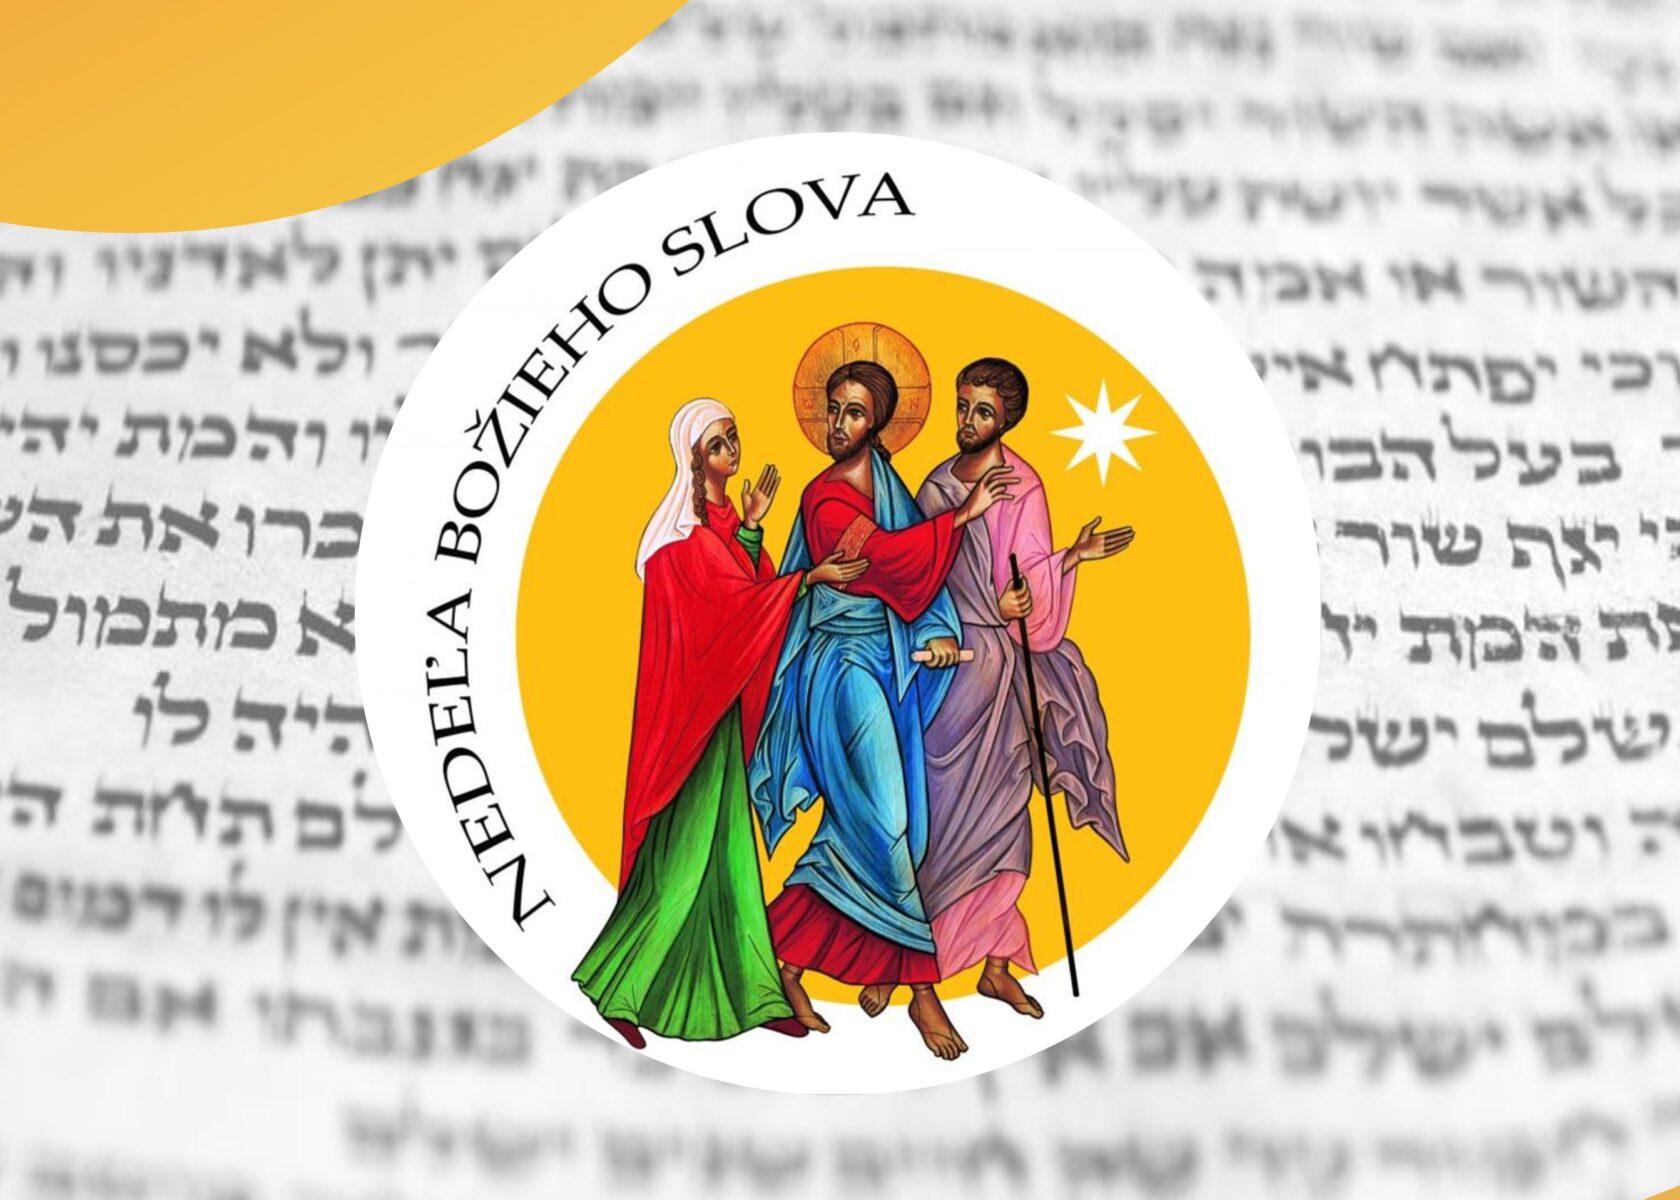 Domáca liturgia na Nedeľu Božieho Slova